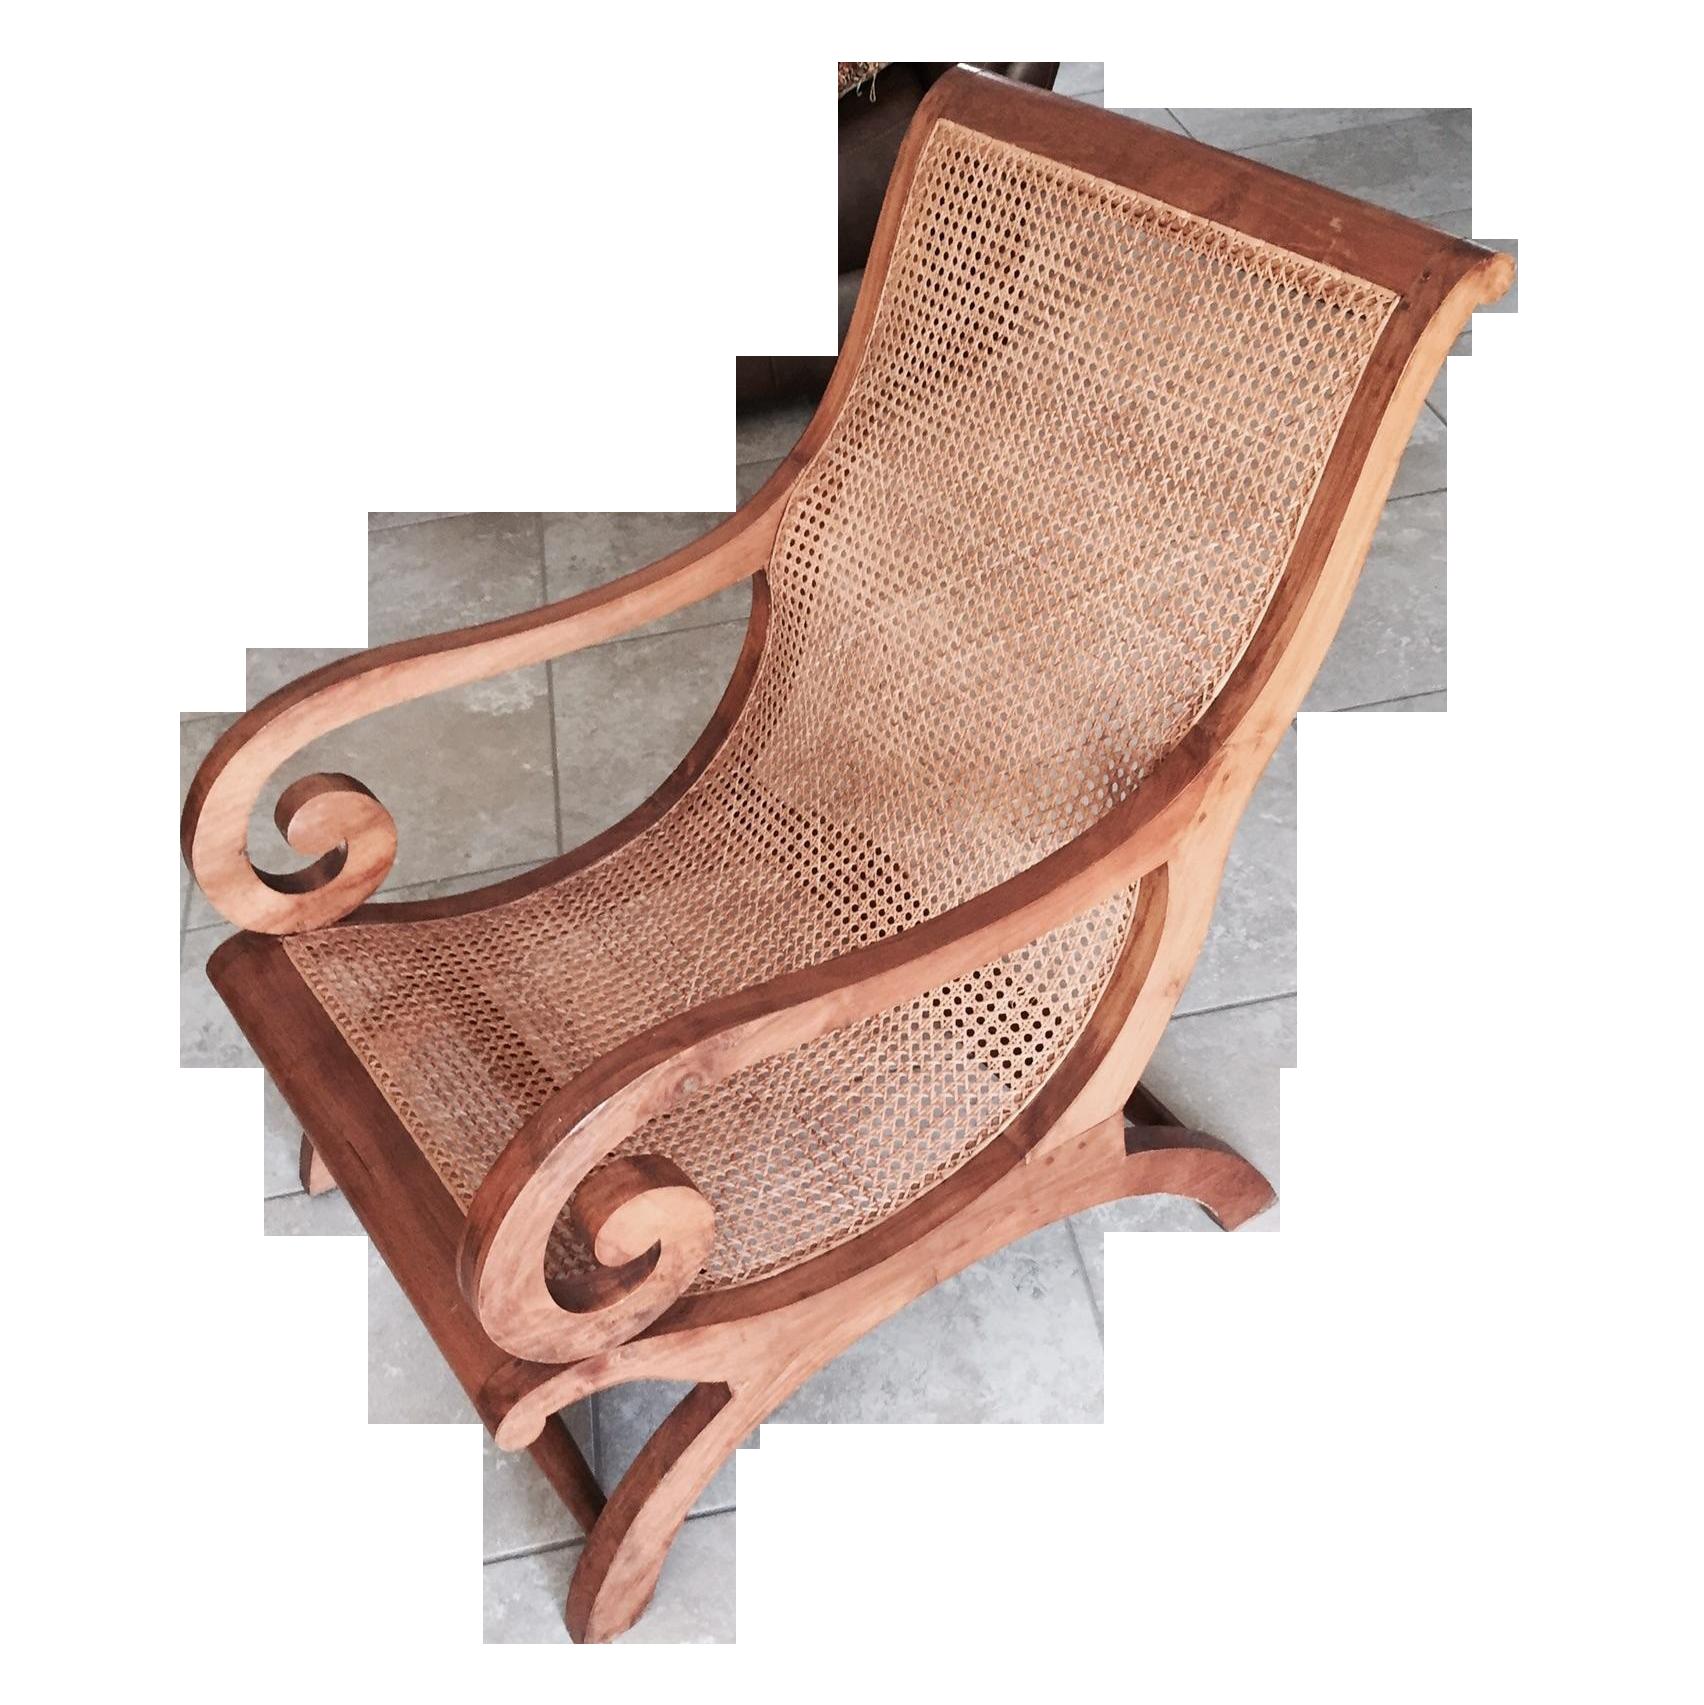 Antique Plantation Chair Chairish